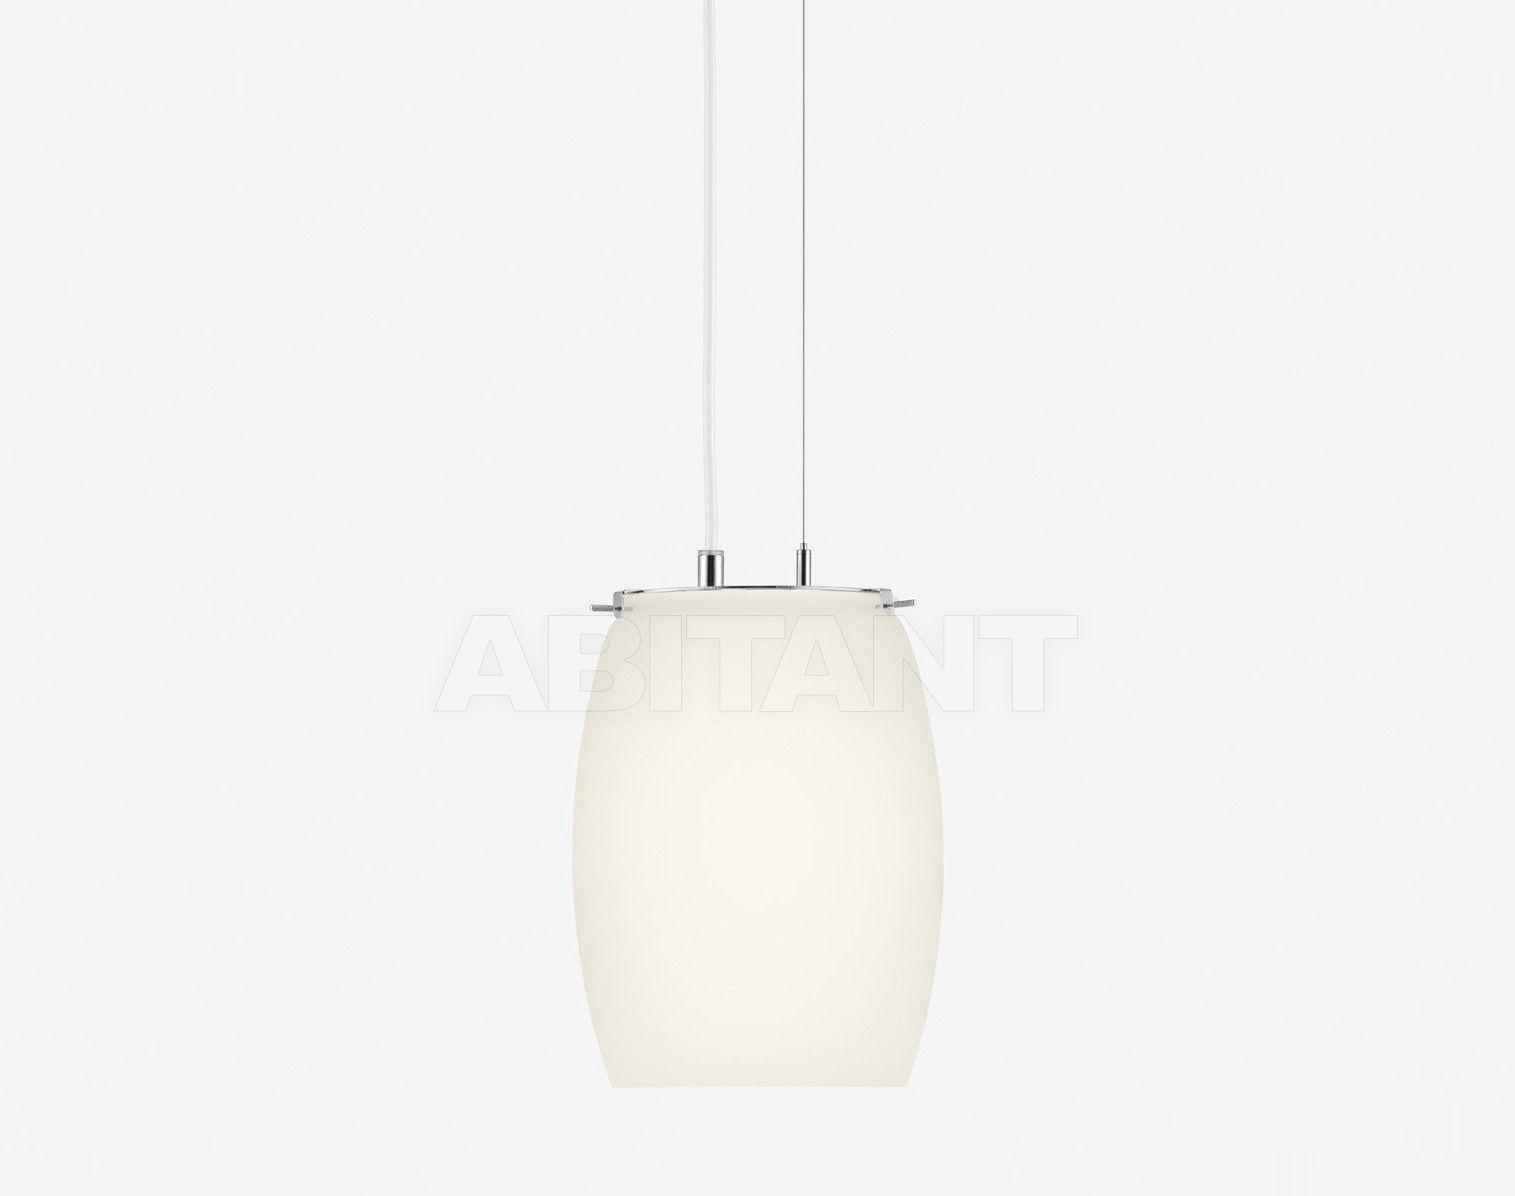 Купить Светильник PS 5 Zero Zero Lighting 2010/2011 4017121